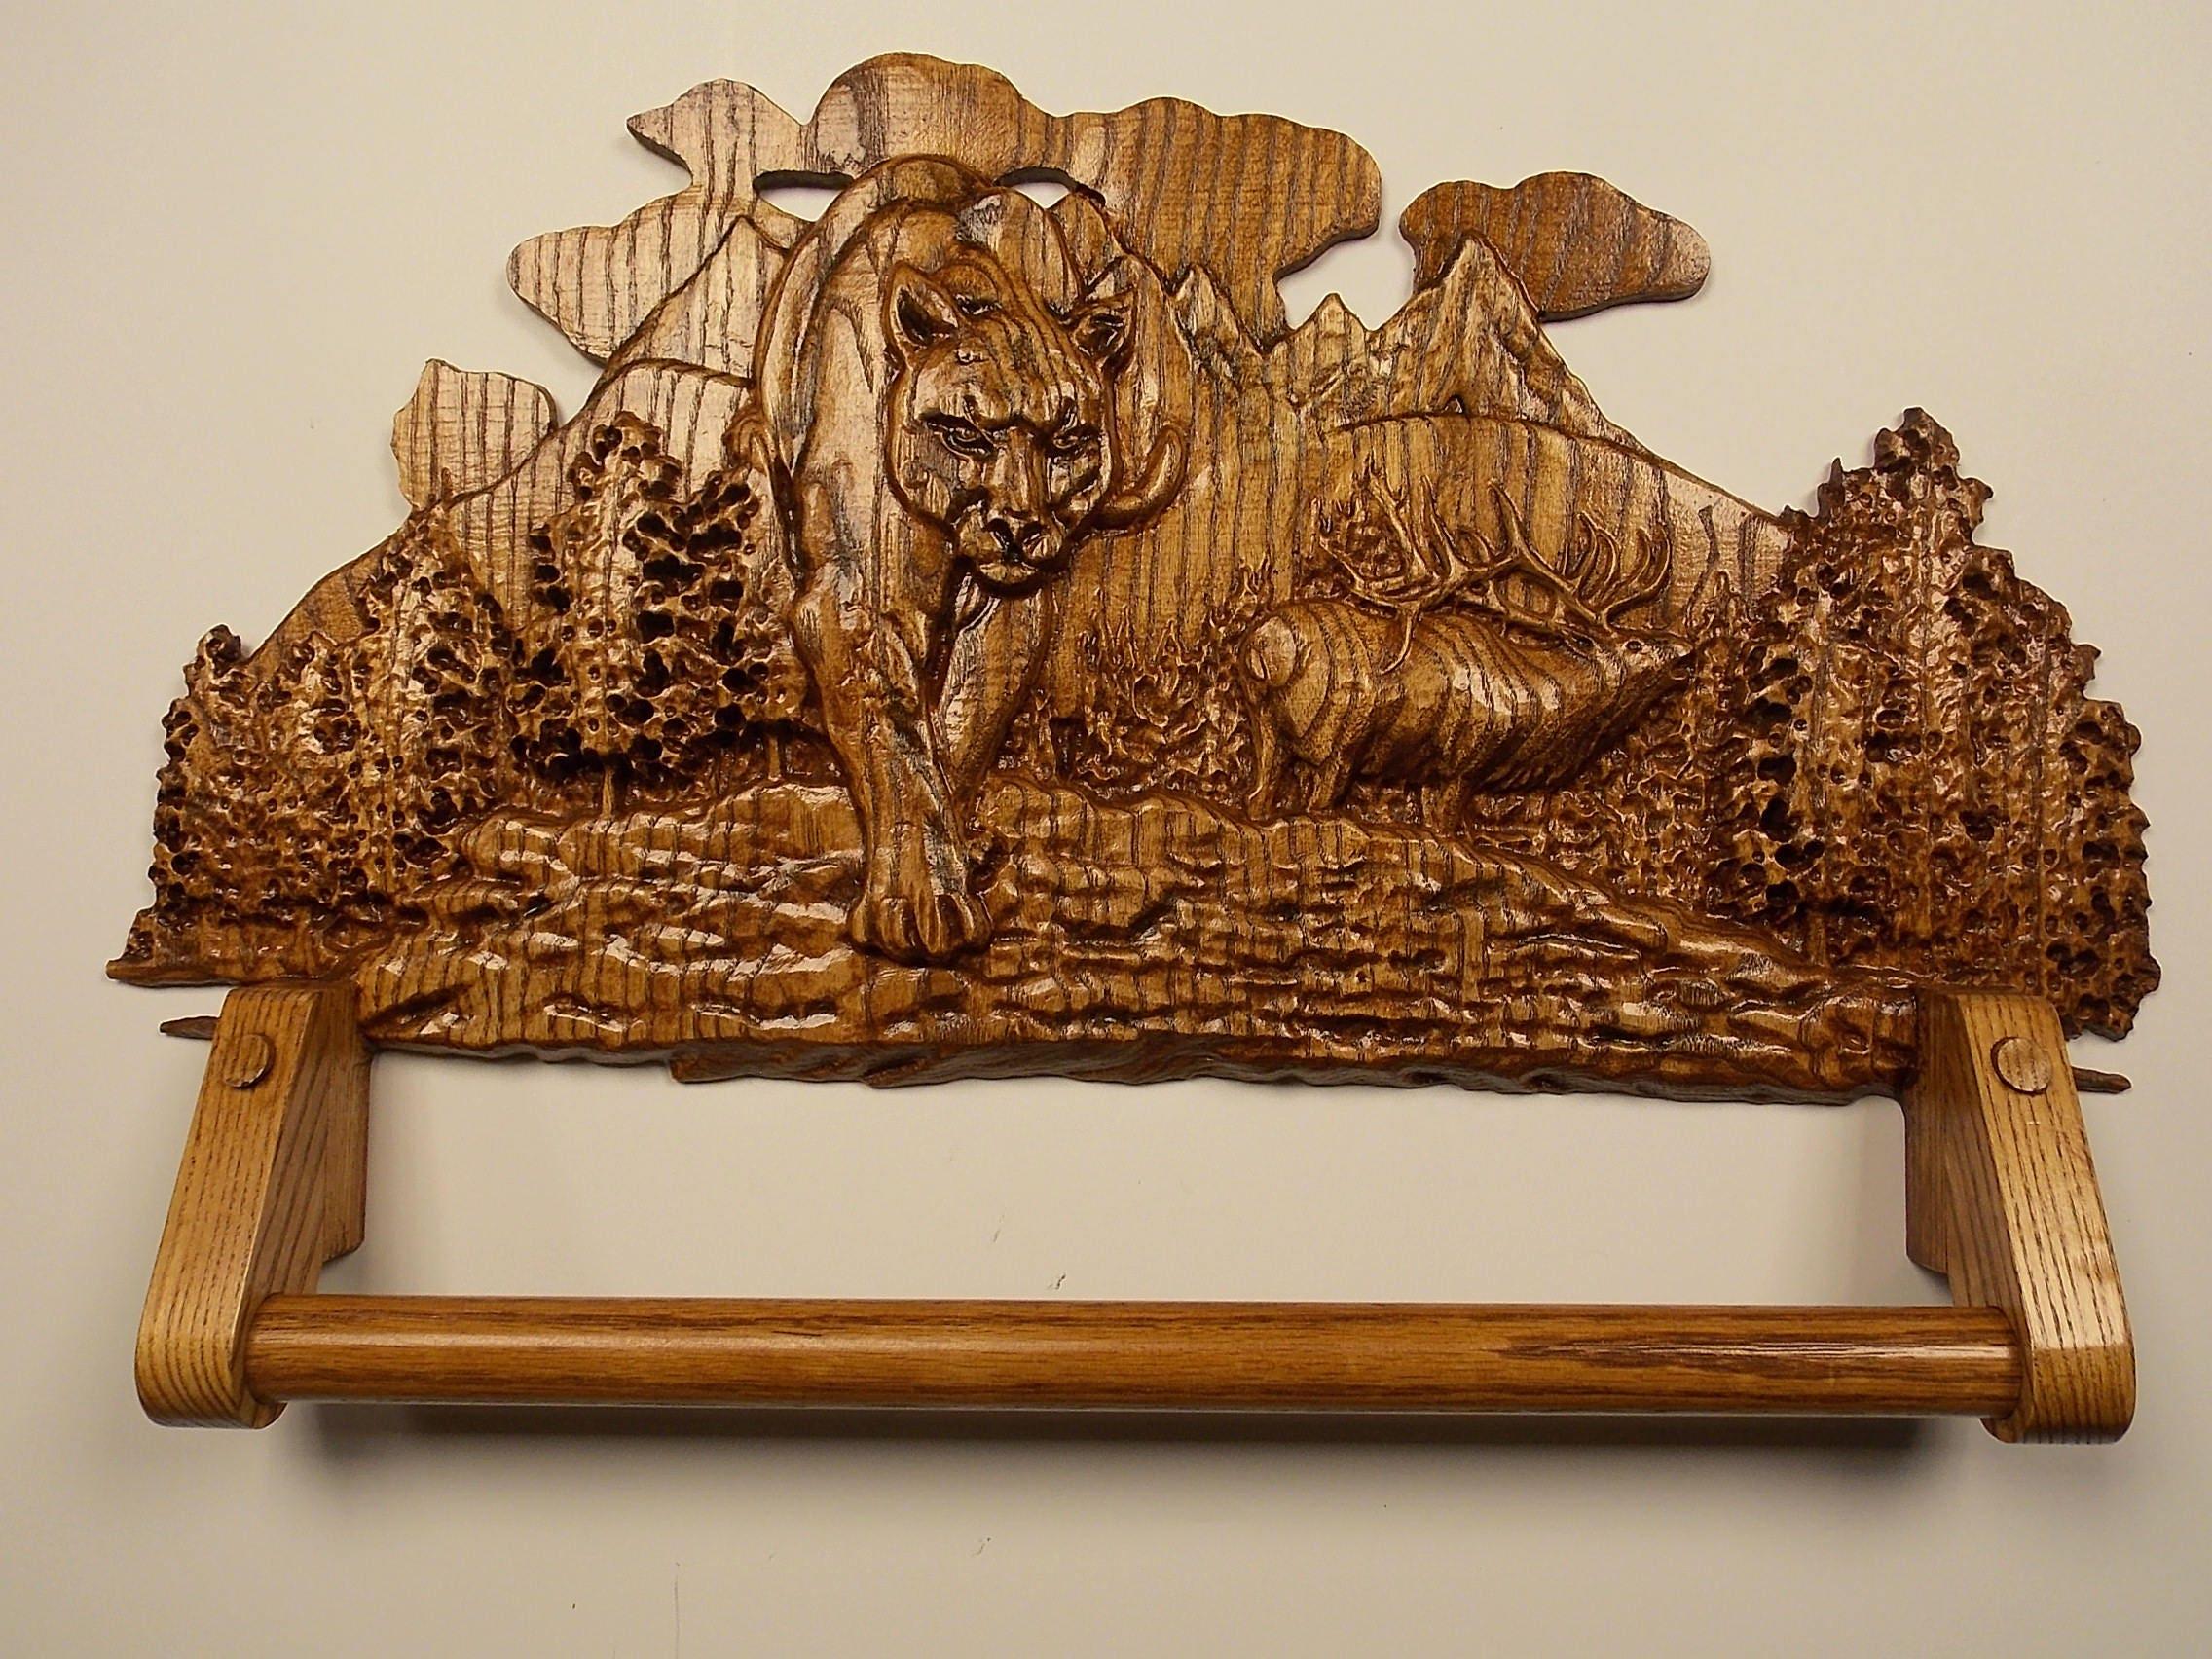 wooden towel rack cabin decor wood carved bathroom towel rack etsy. Black Bedroom Furniture Sets. Home Design Ideas